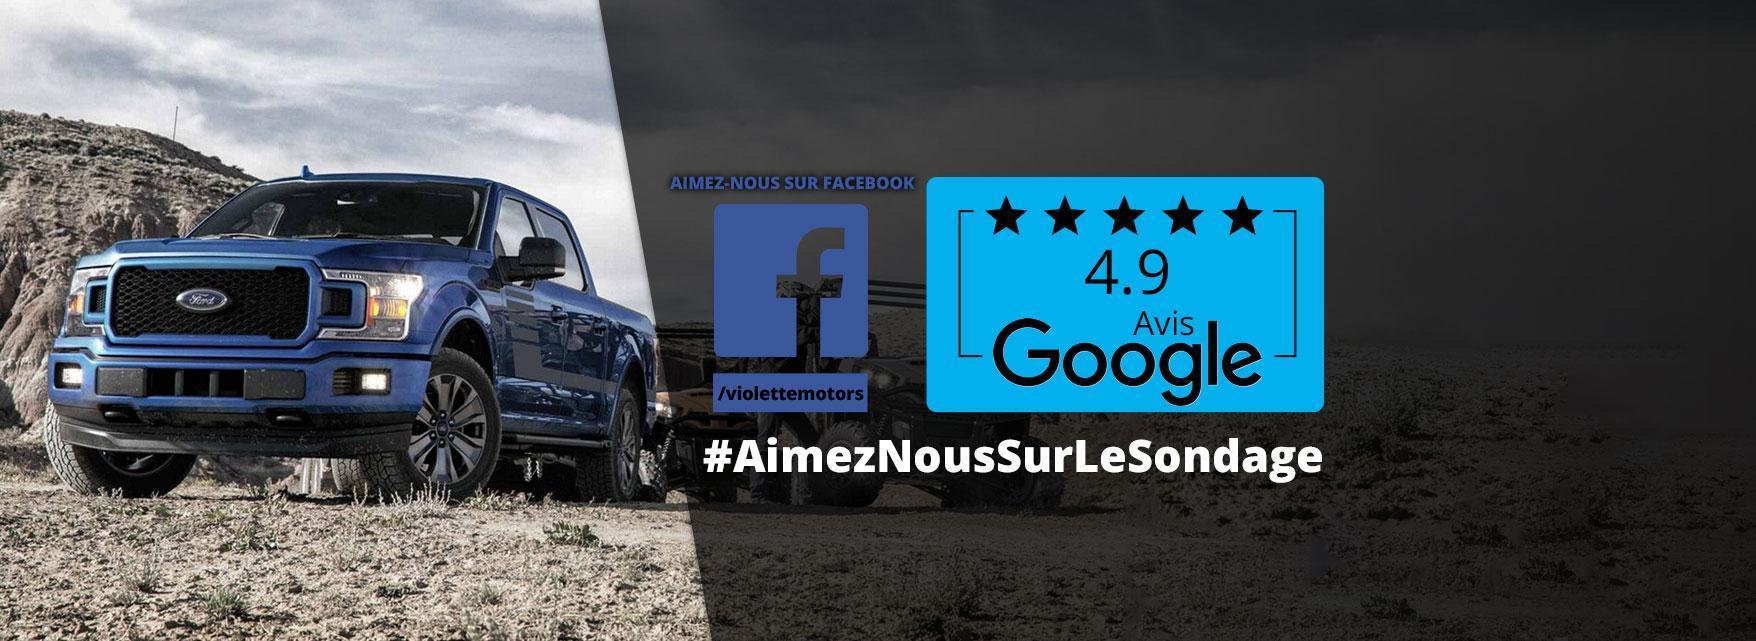 Violette Motors Aimez nous Facebook Googe